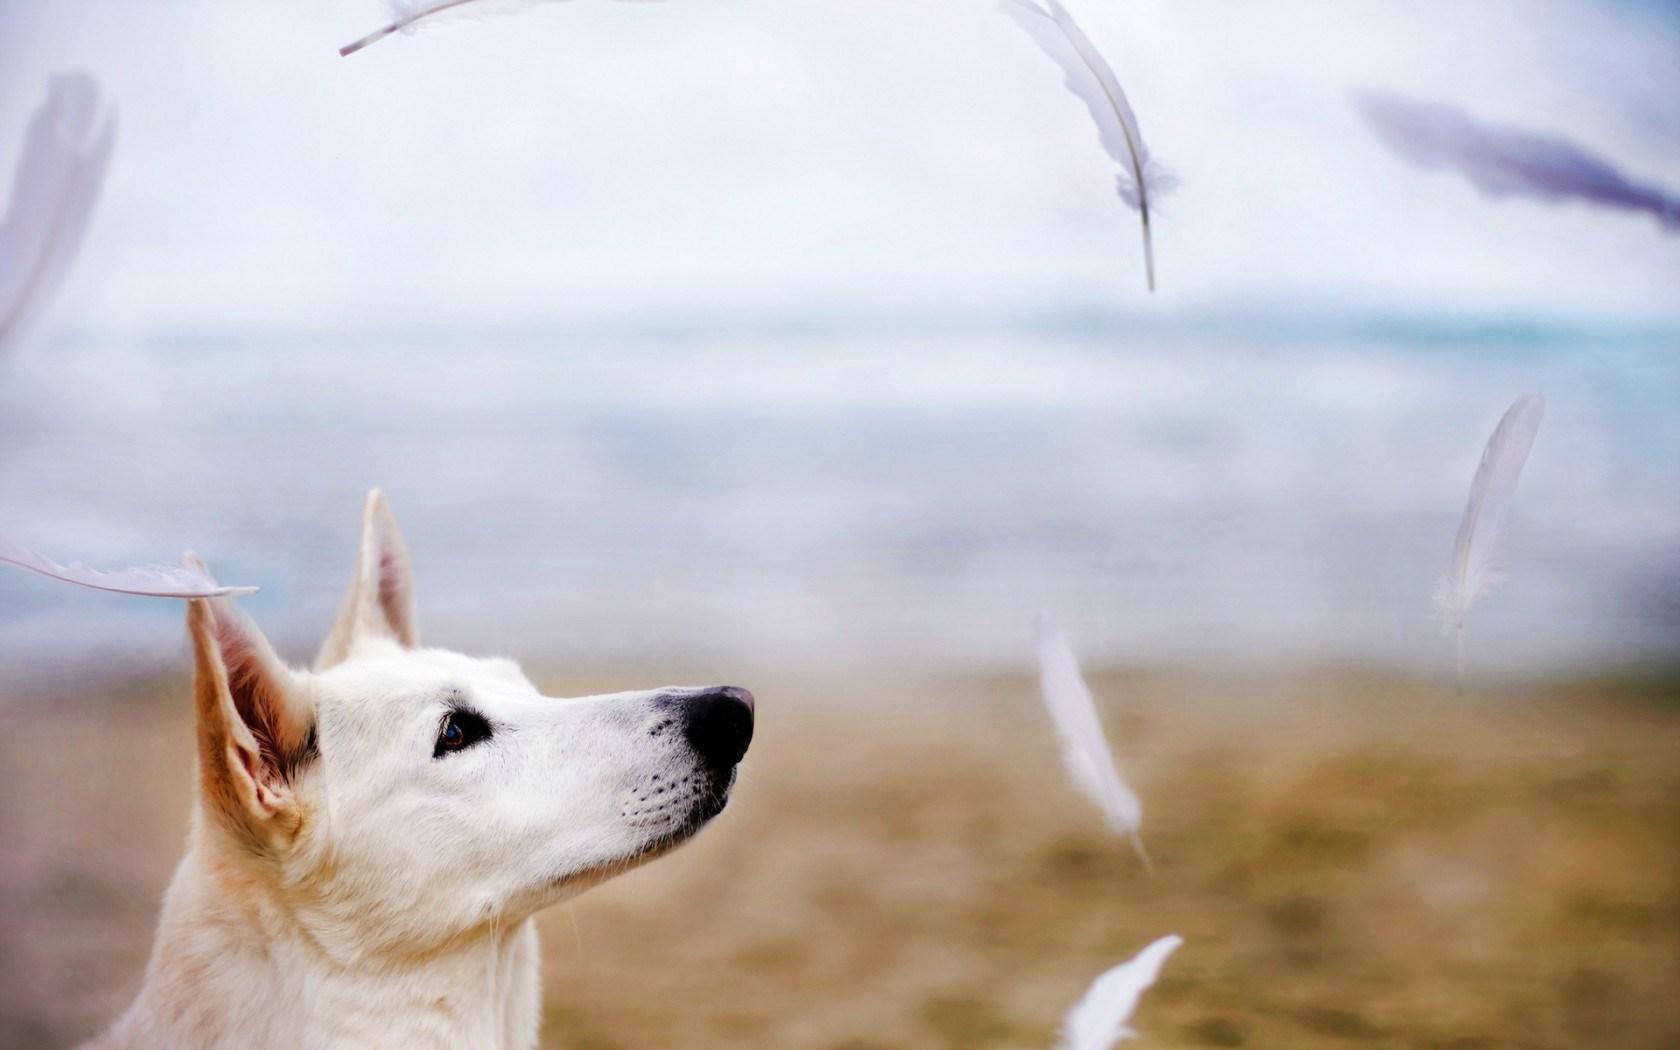 dog image free download